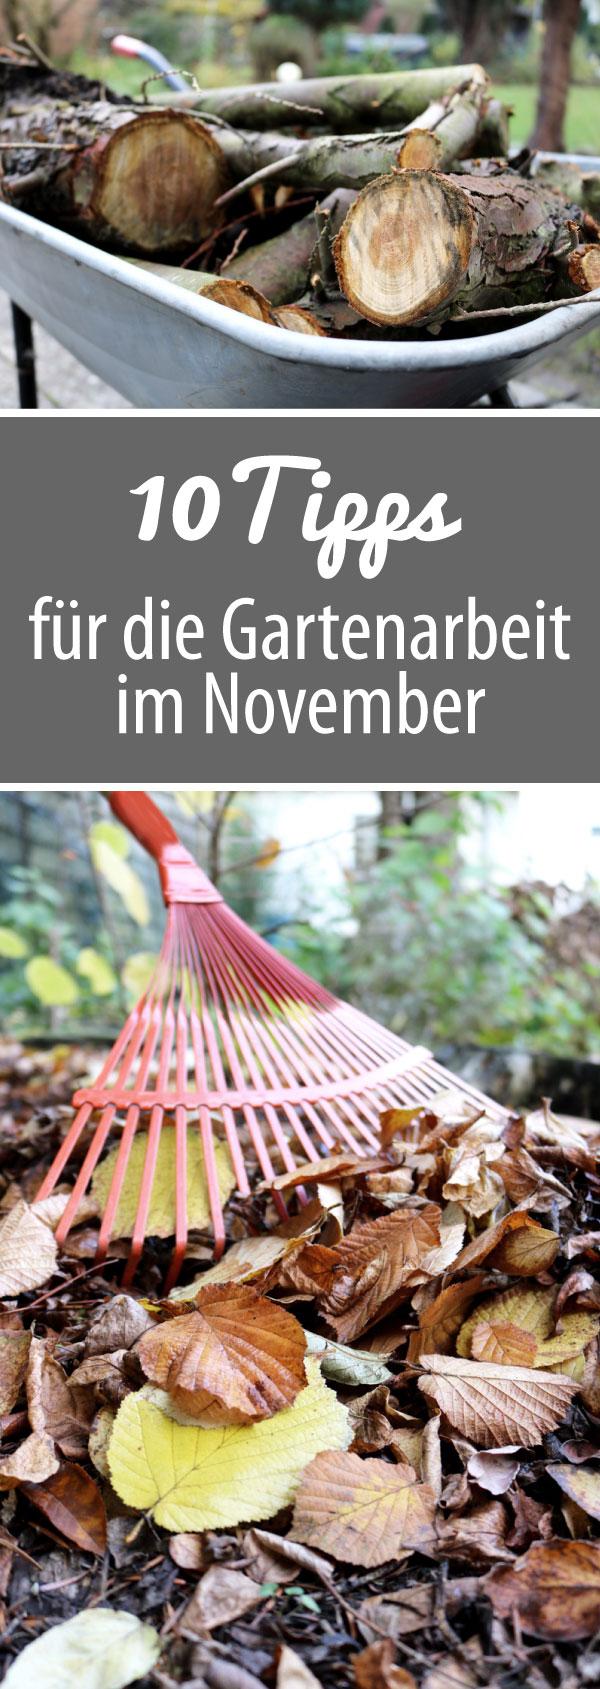 10 Tipps für die Gartenarbeit im November